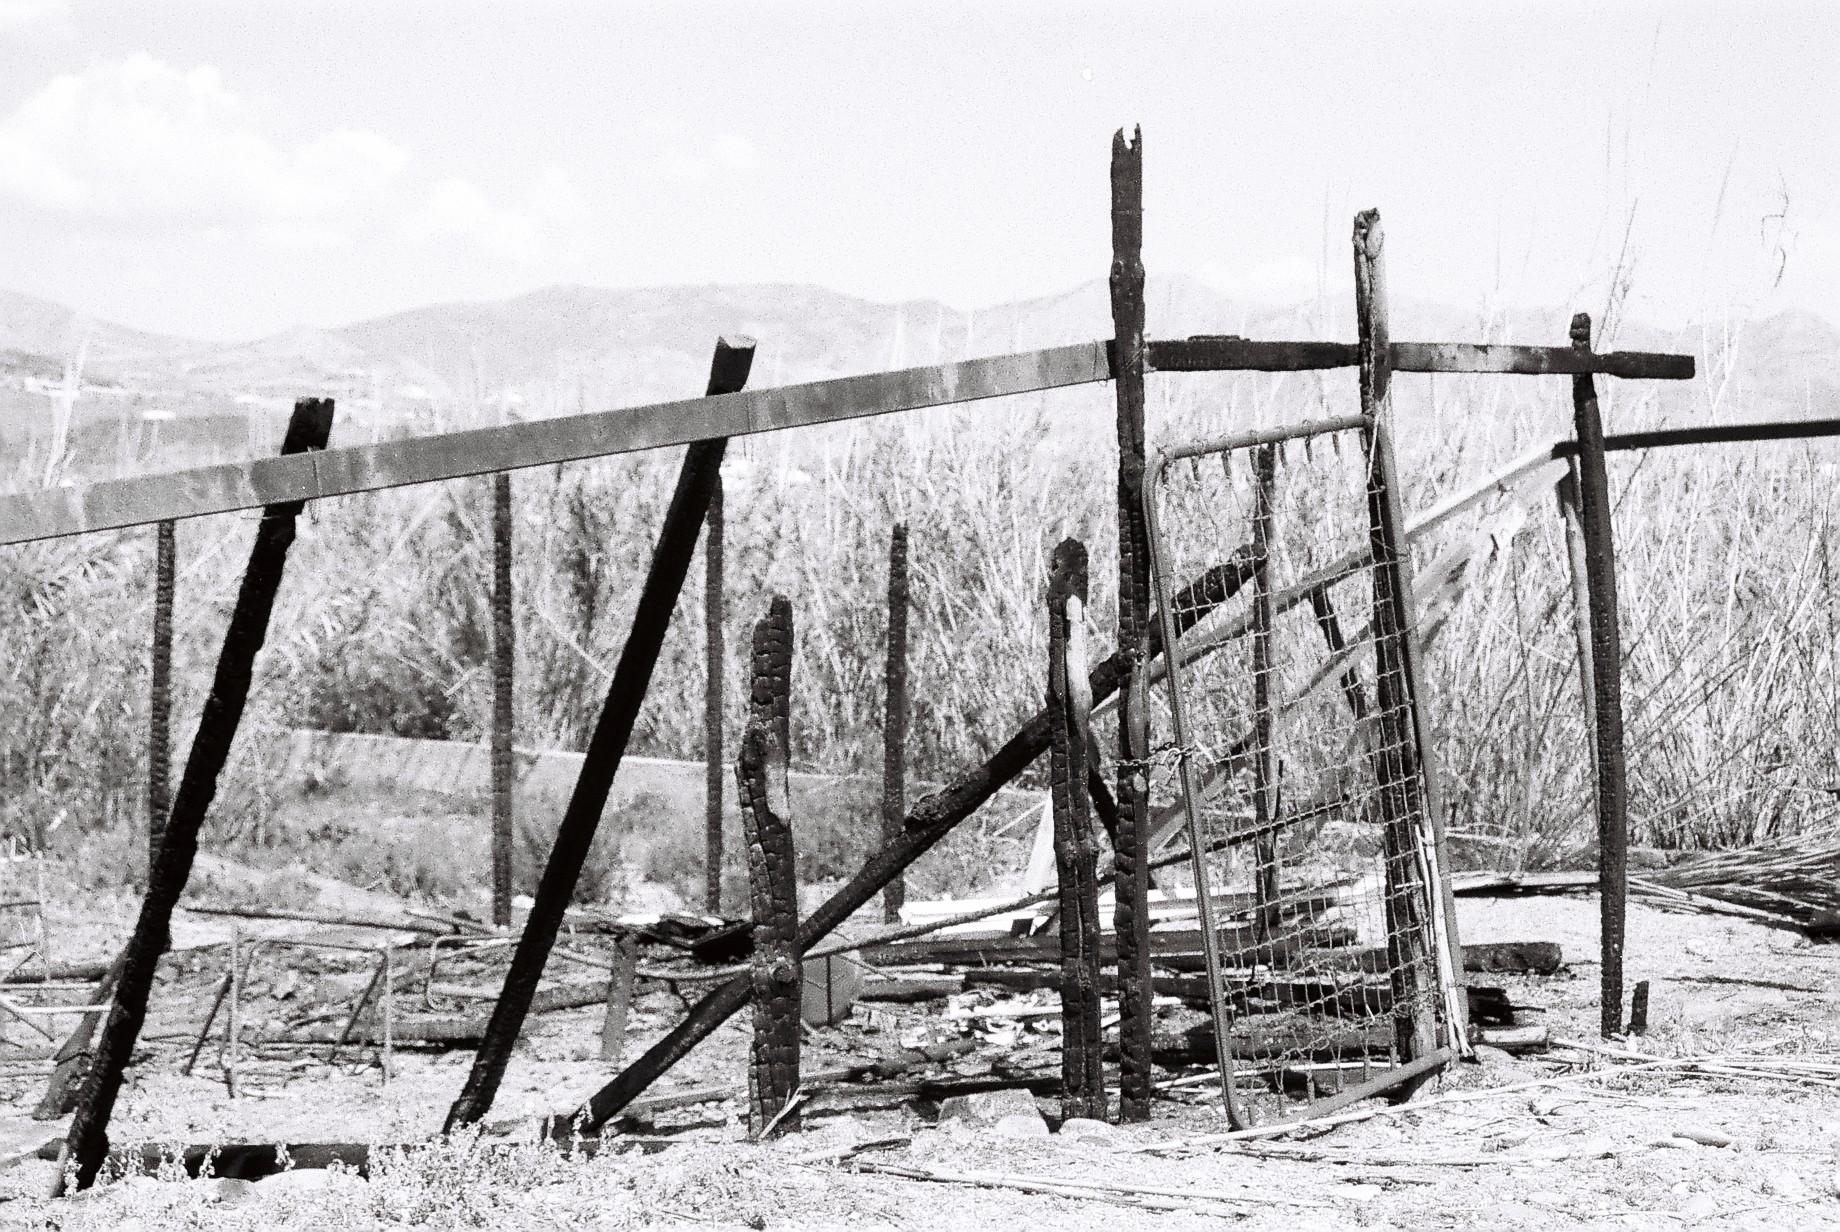 Ruina. Periscopio